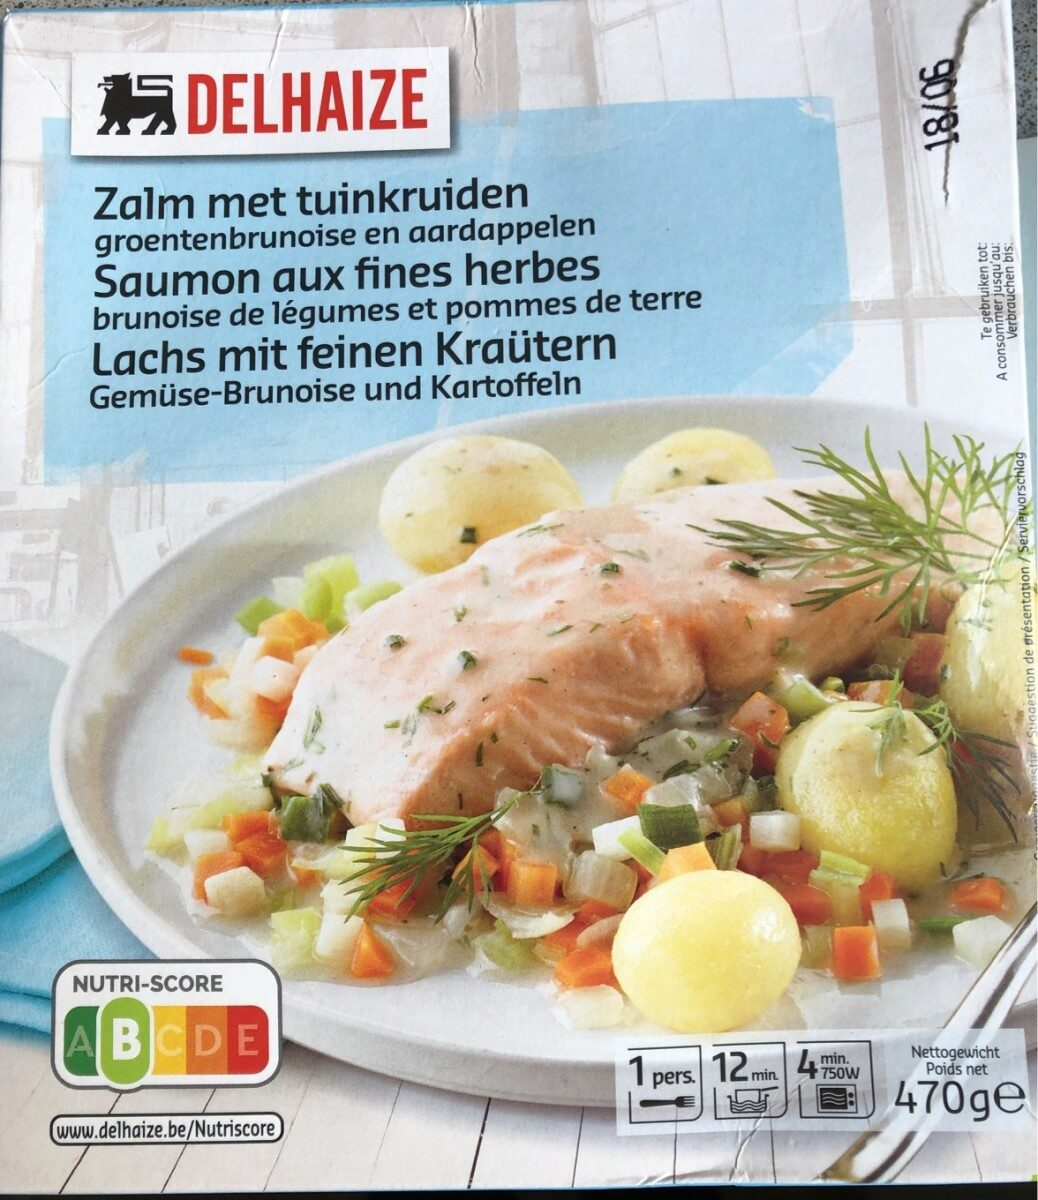 Saumon aux fines herbes - Produit - fr